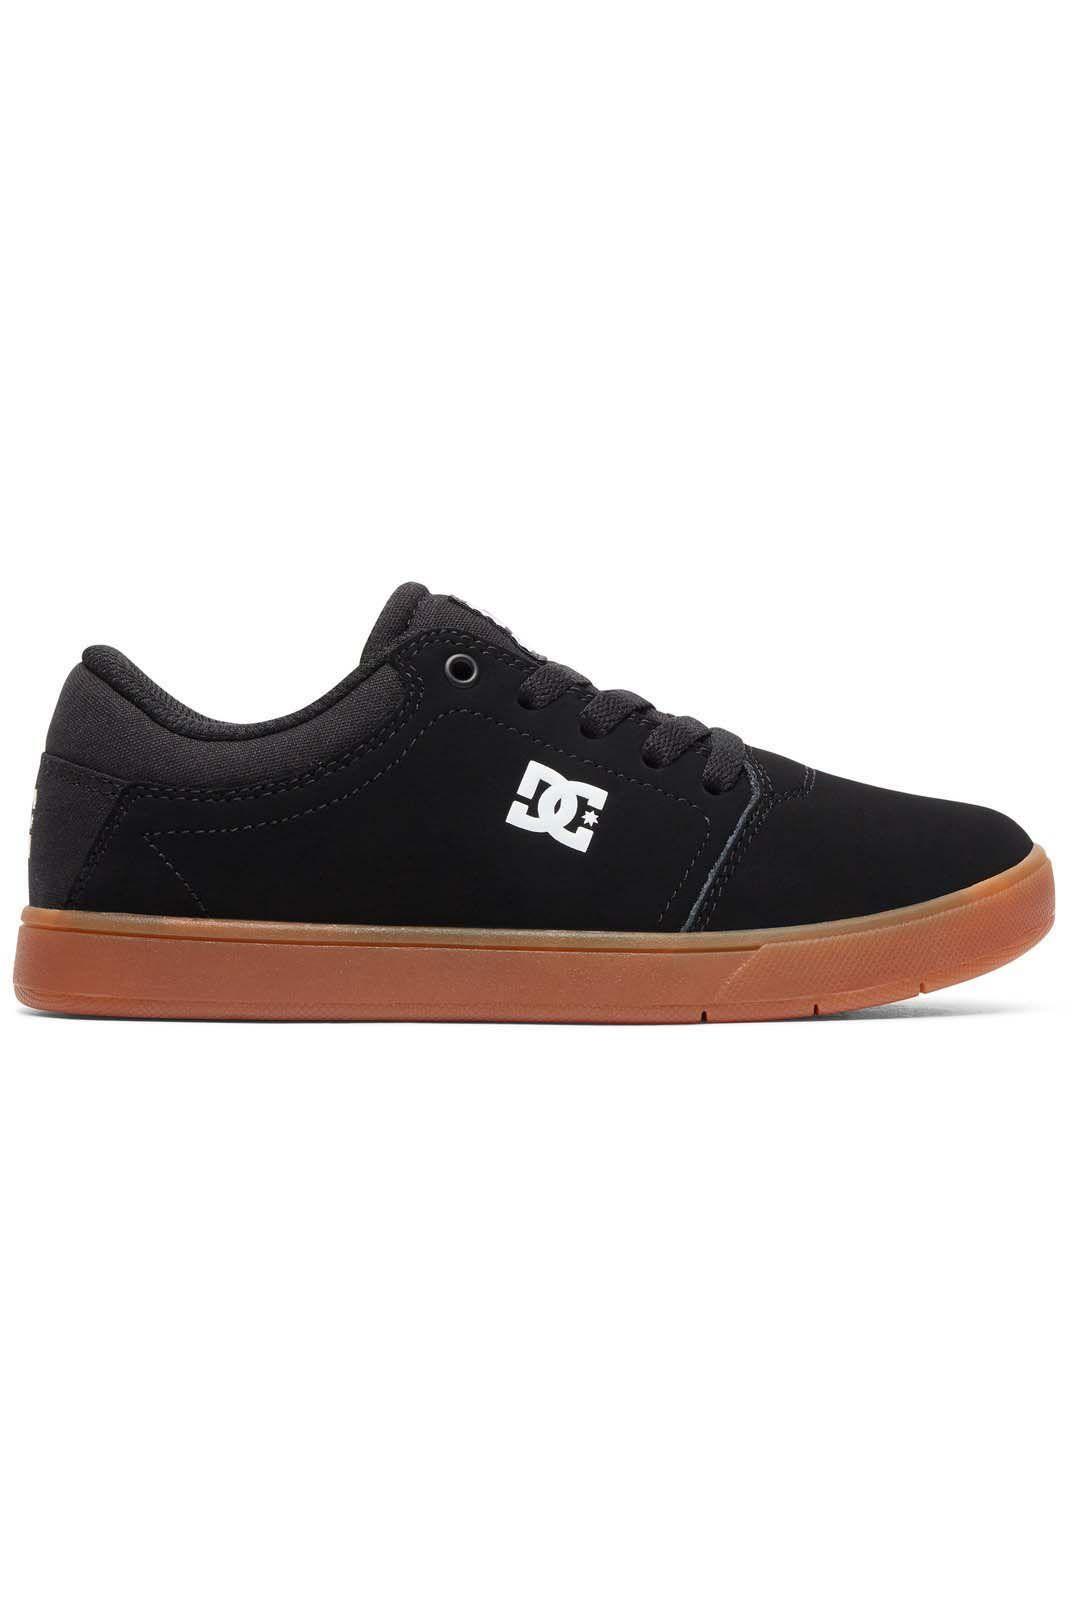 0cfb3feb61948 Tenis DC Shoes CRISIS Black Gum